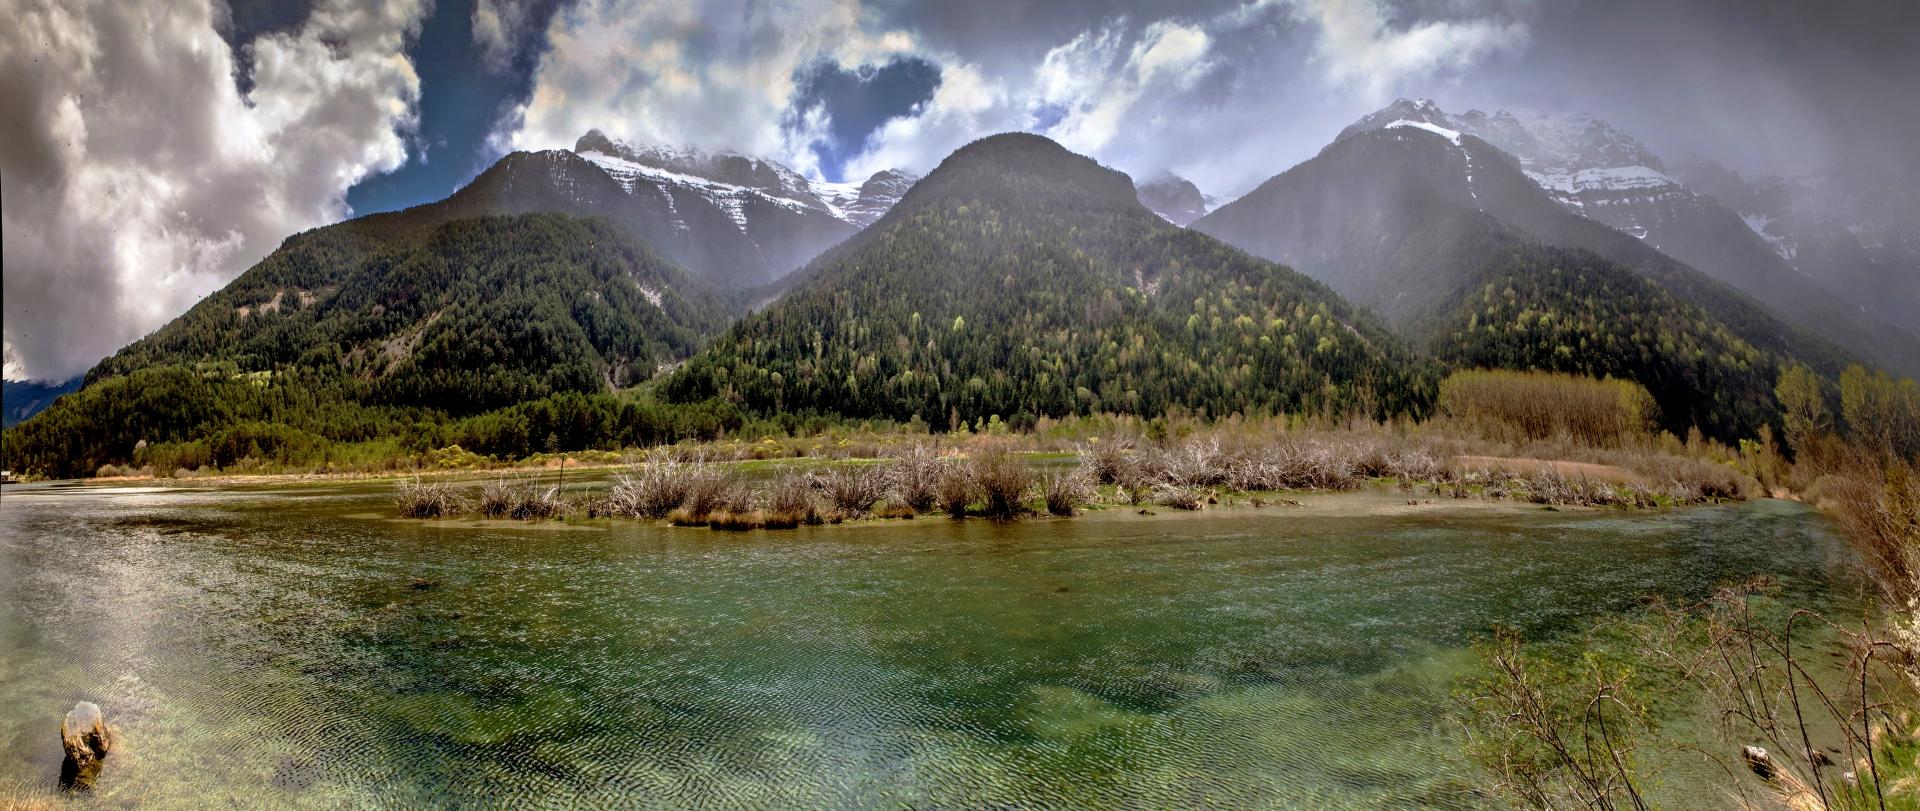 Panorama Op weg naar de Valle de Pineta, Spaanse Pyreneeën 2_1920x811